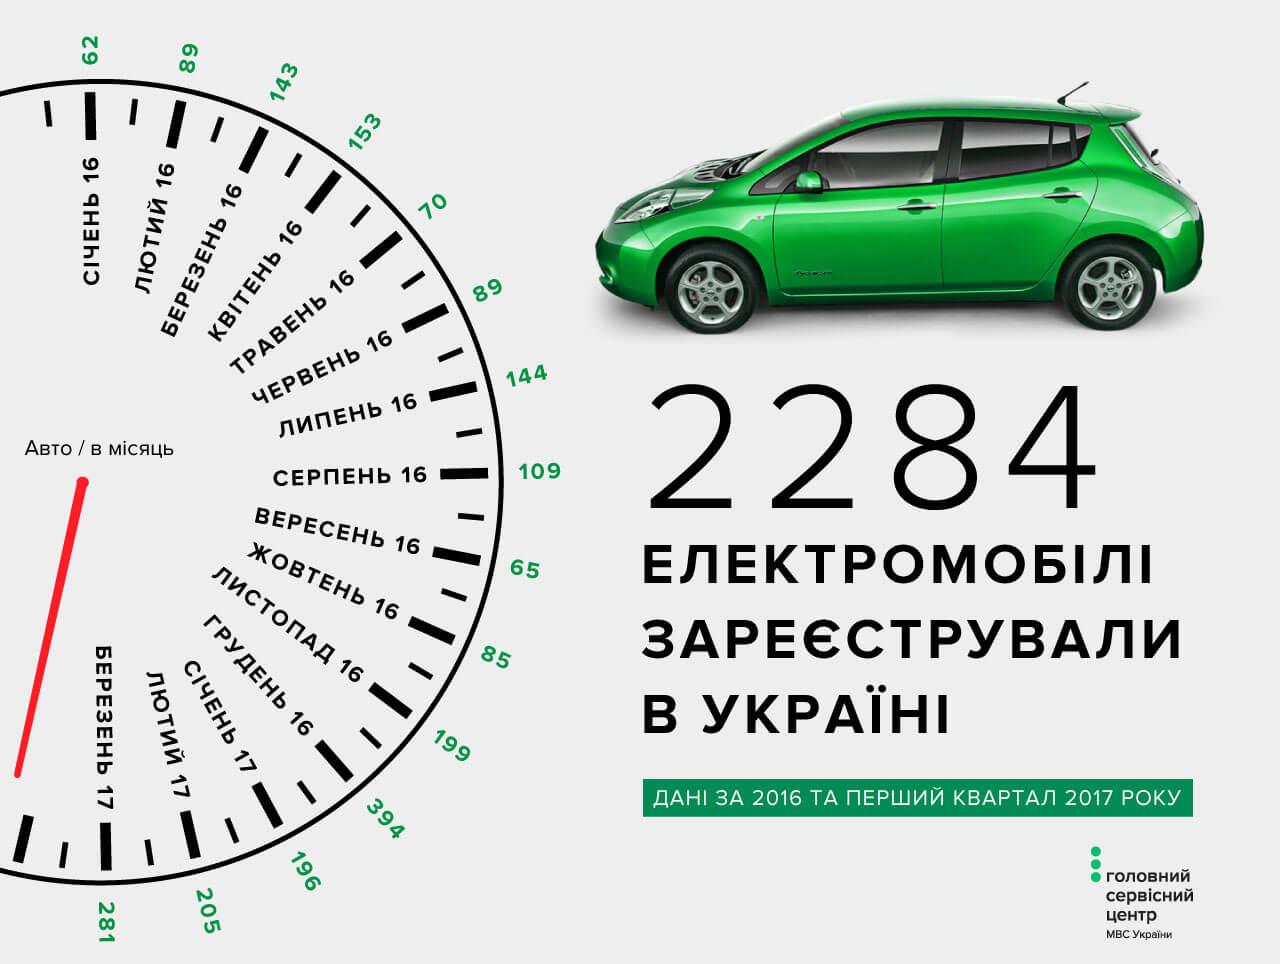 Статистика регистраций электрических автомобилей по регионам Украины